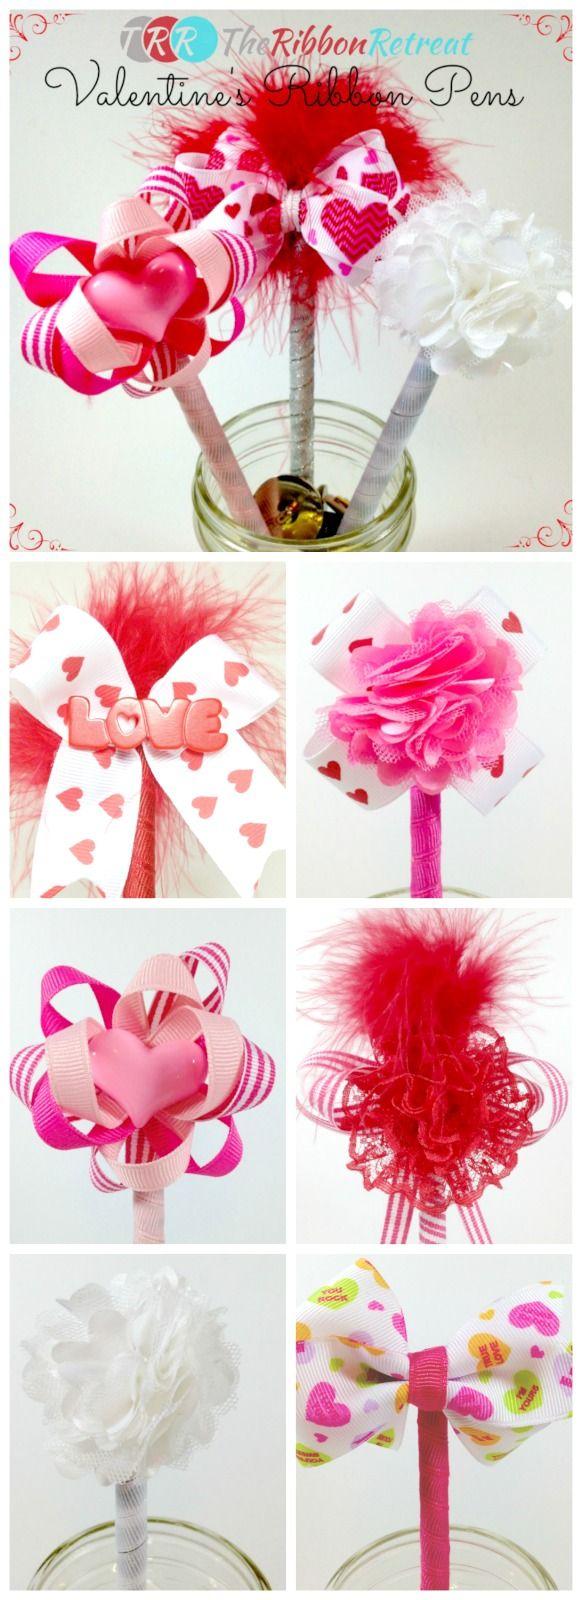 Valentine's Ribbon Pens - The Ribbon Retreat Blog